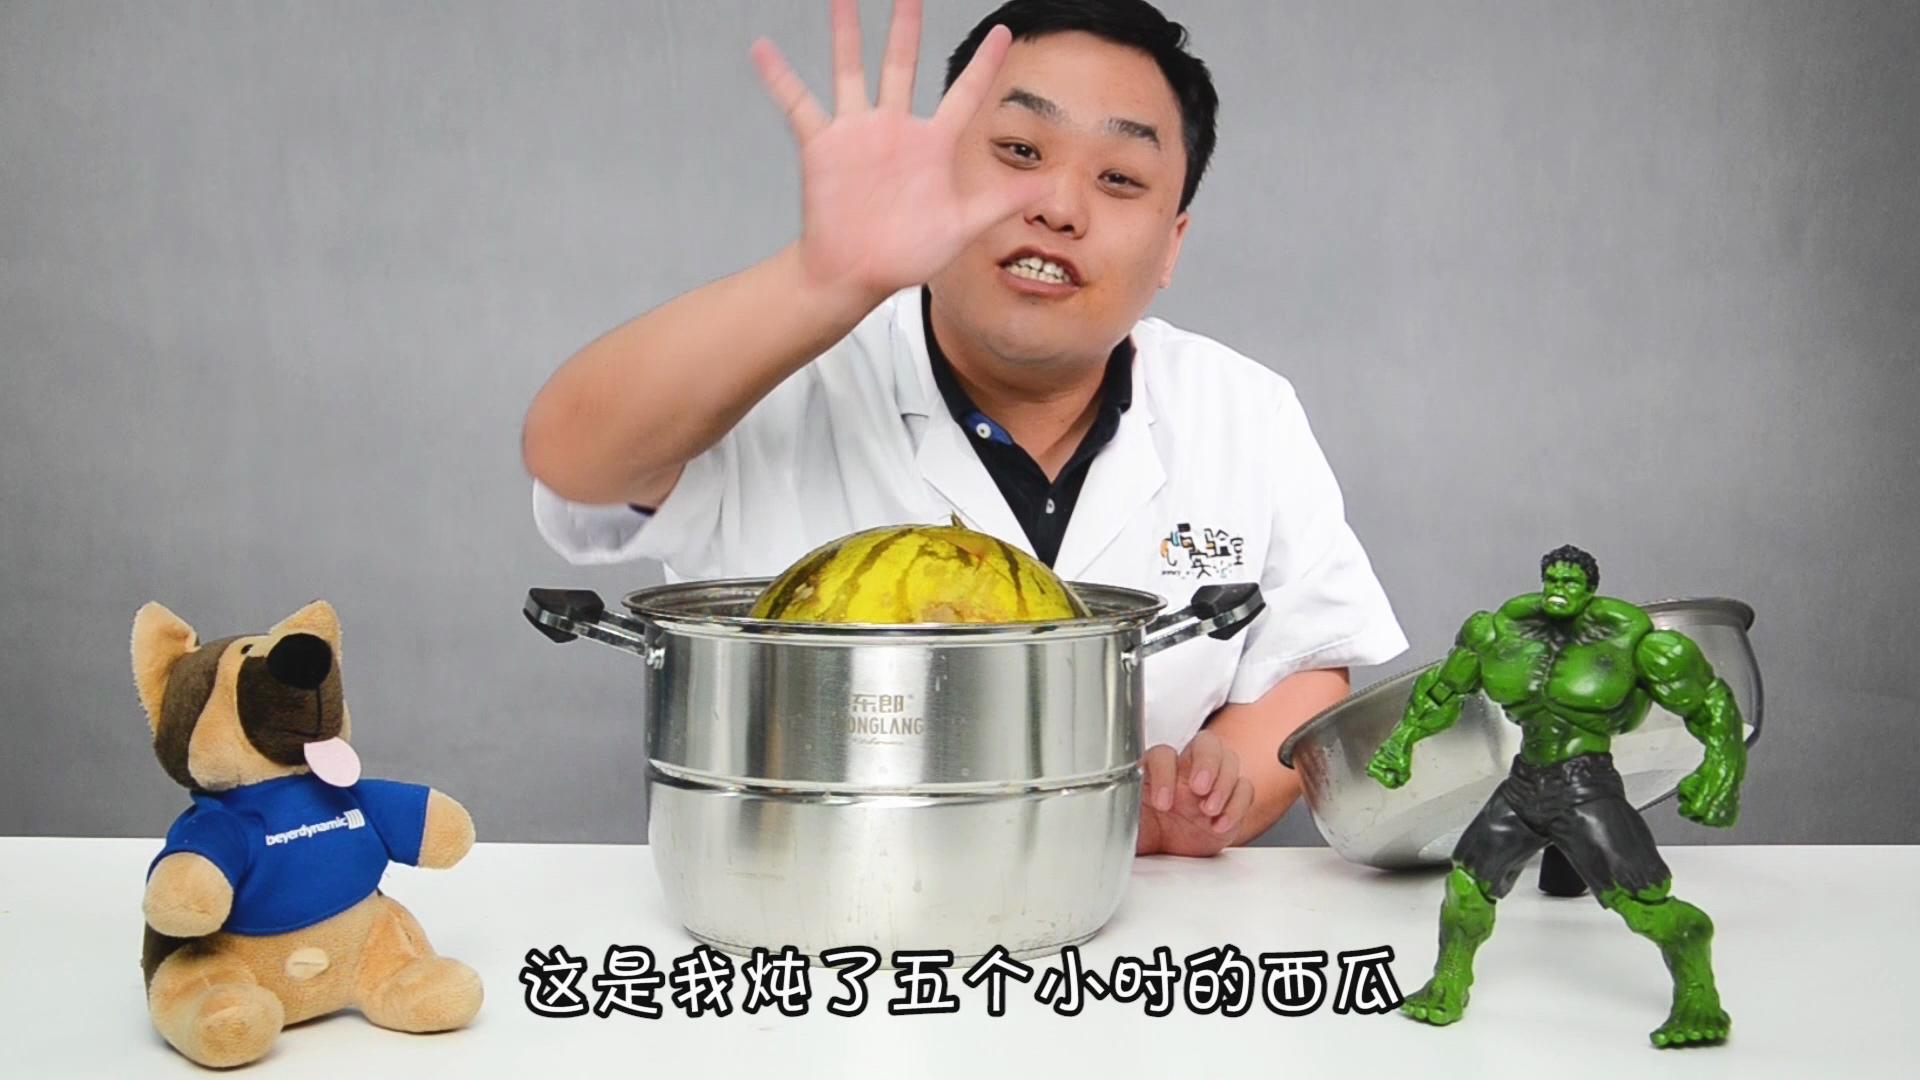 男子将西瓜放在开水里煮,切开后,竟出现这样的结果